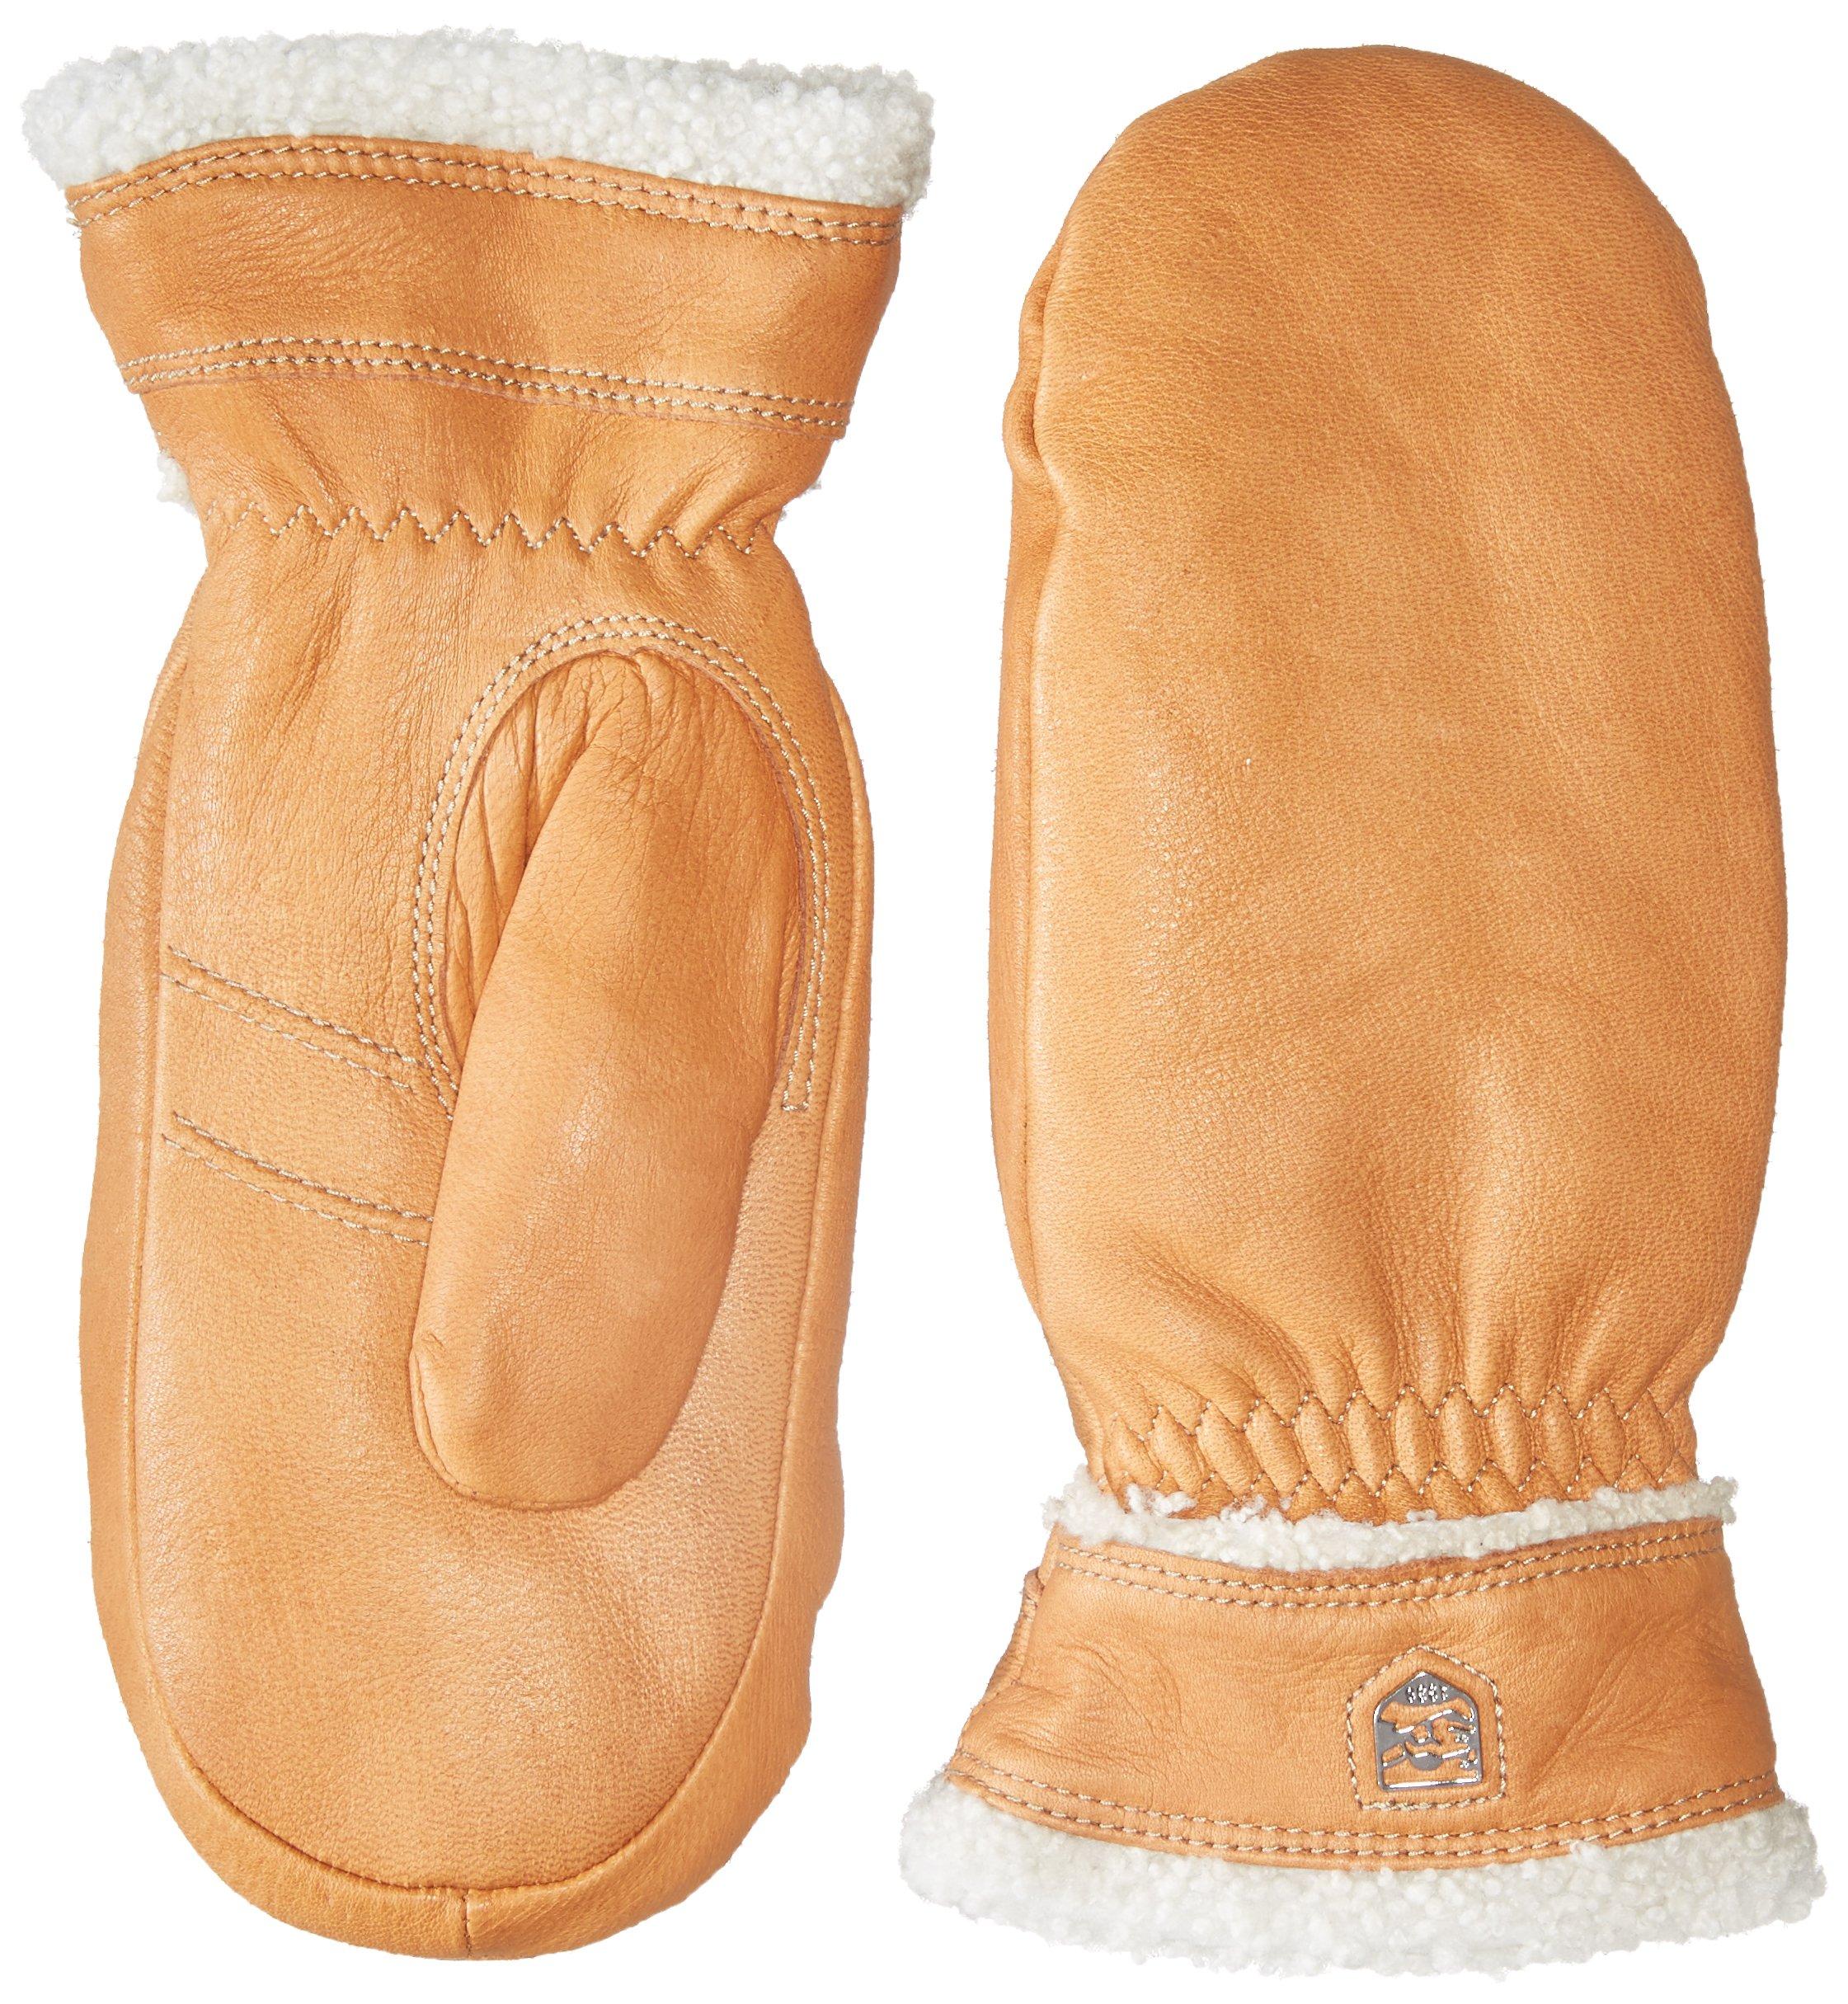 Hestra Deerskin Primaloft Mitt Gloves, Cork, 6